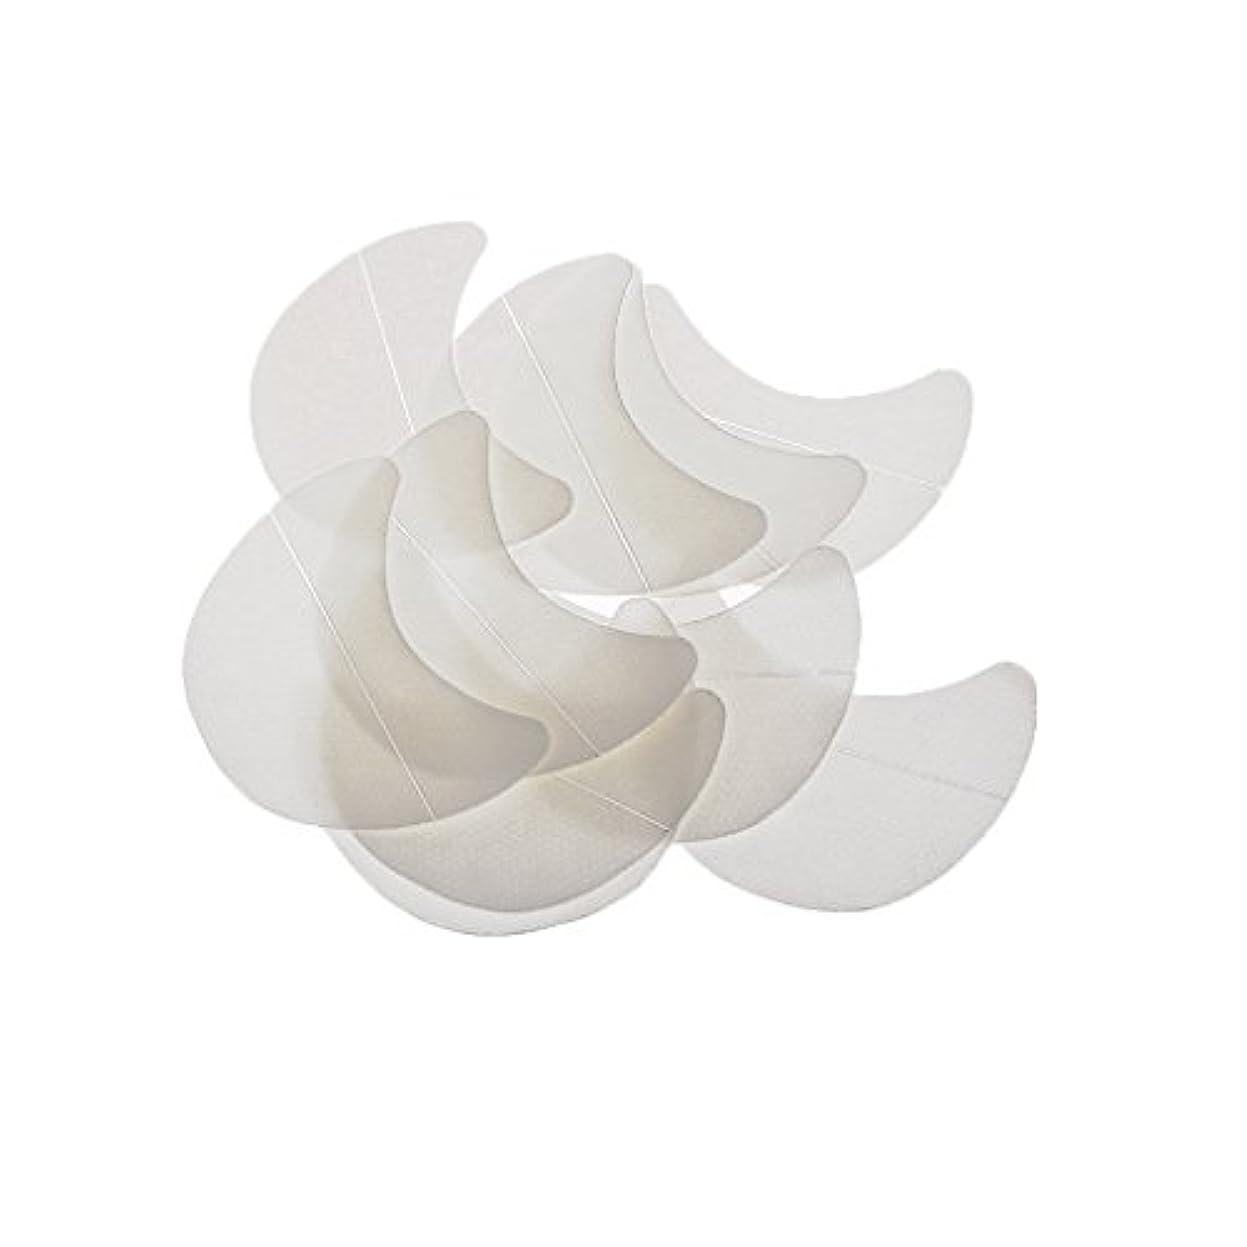 密スノーケル引くKimyuo アイパッドの下の10個の紙のパッチまつげエクステンションのヒントステッカーラップ化粧